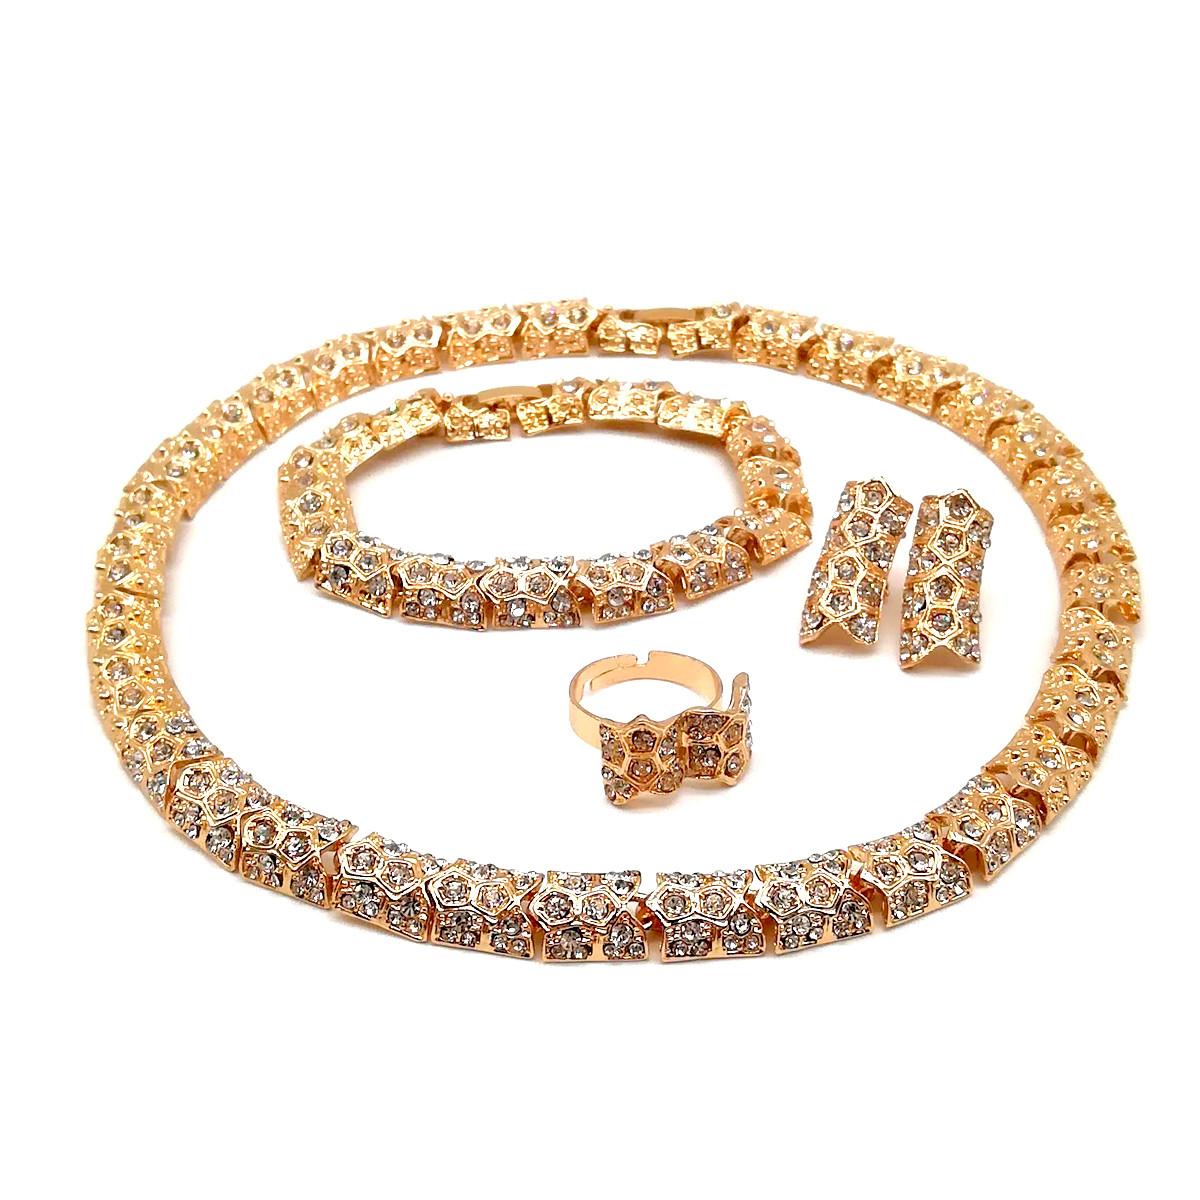 Комплект SONATA (Колье + браслет + серьги + кольцо), белые фианиты, позолота 18К, 73383                               (1)